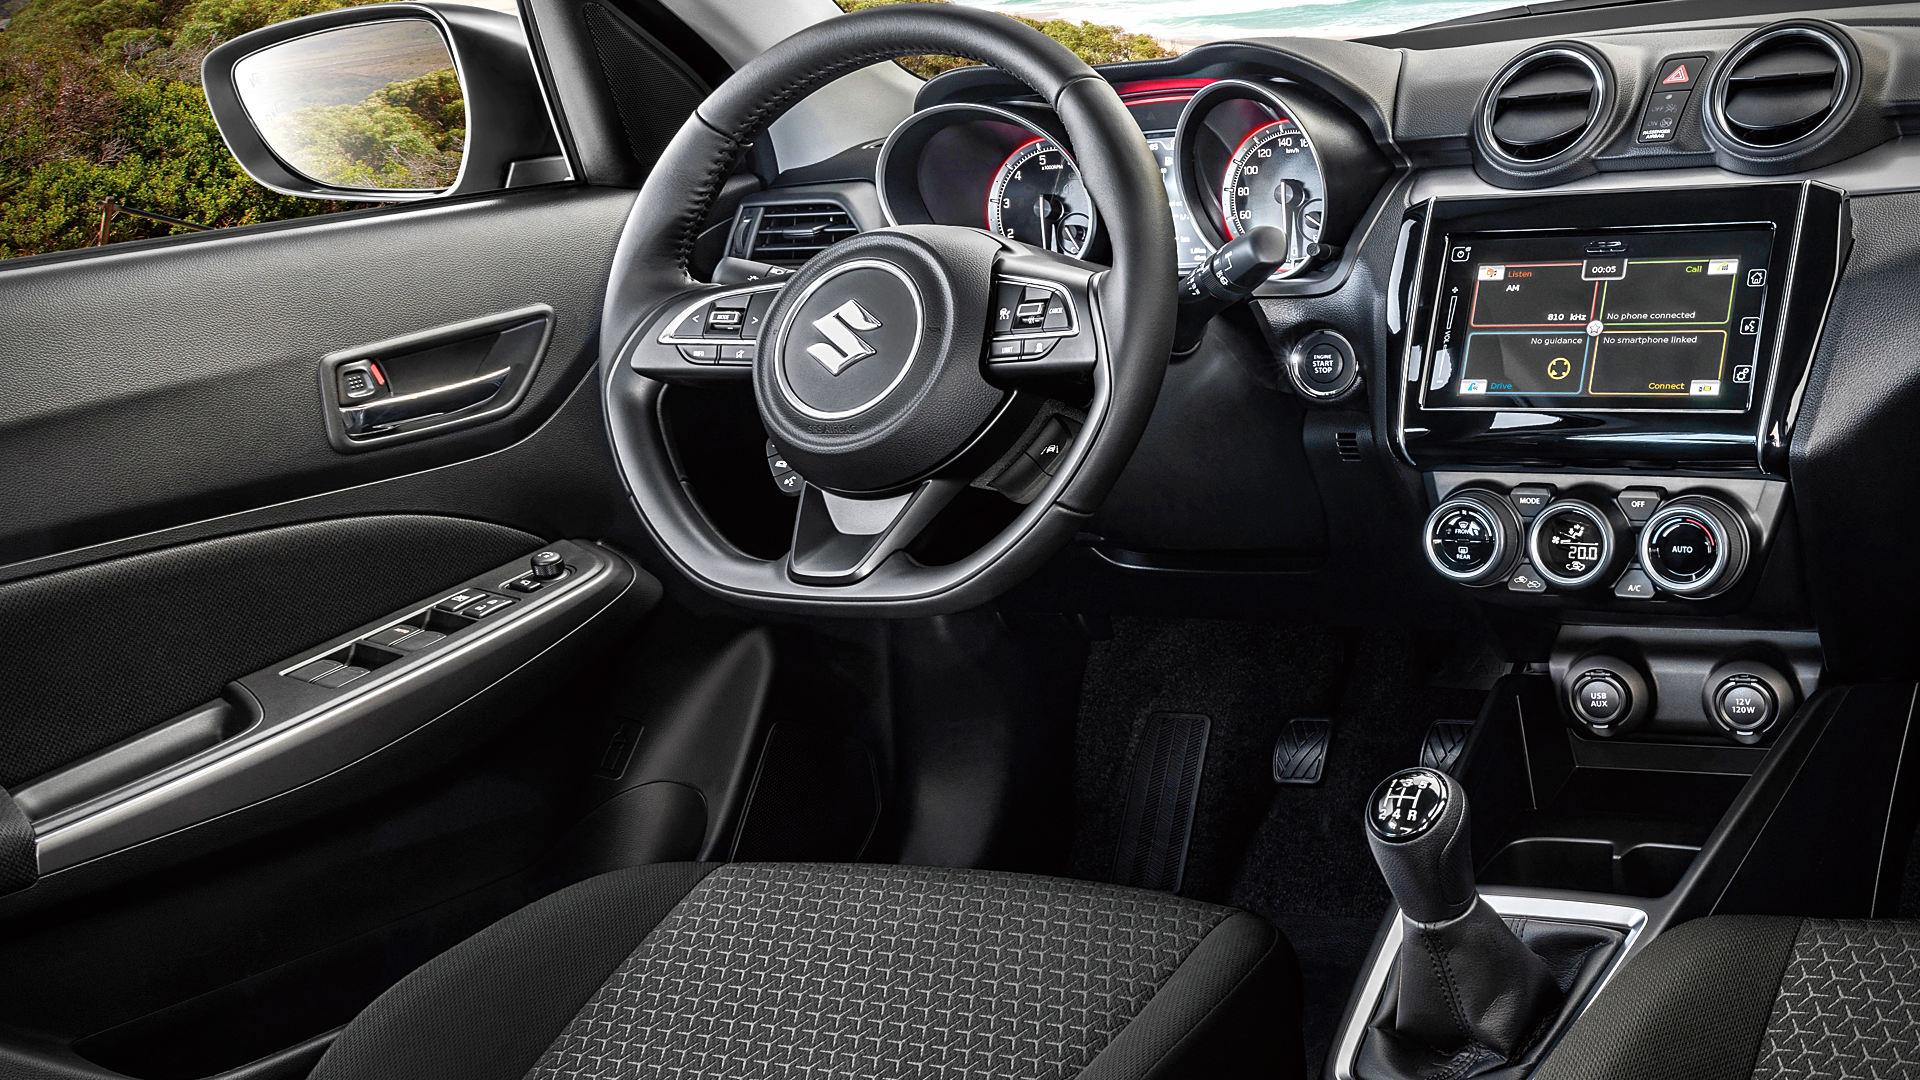 2021 Suzuki Swift Interior